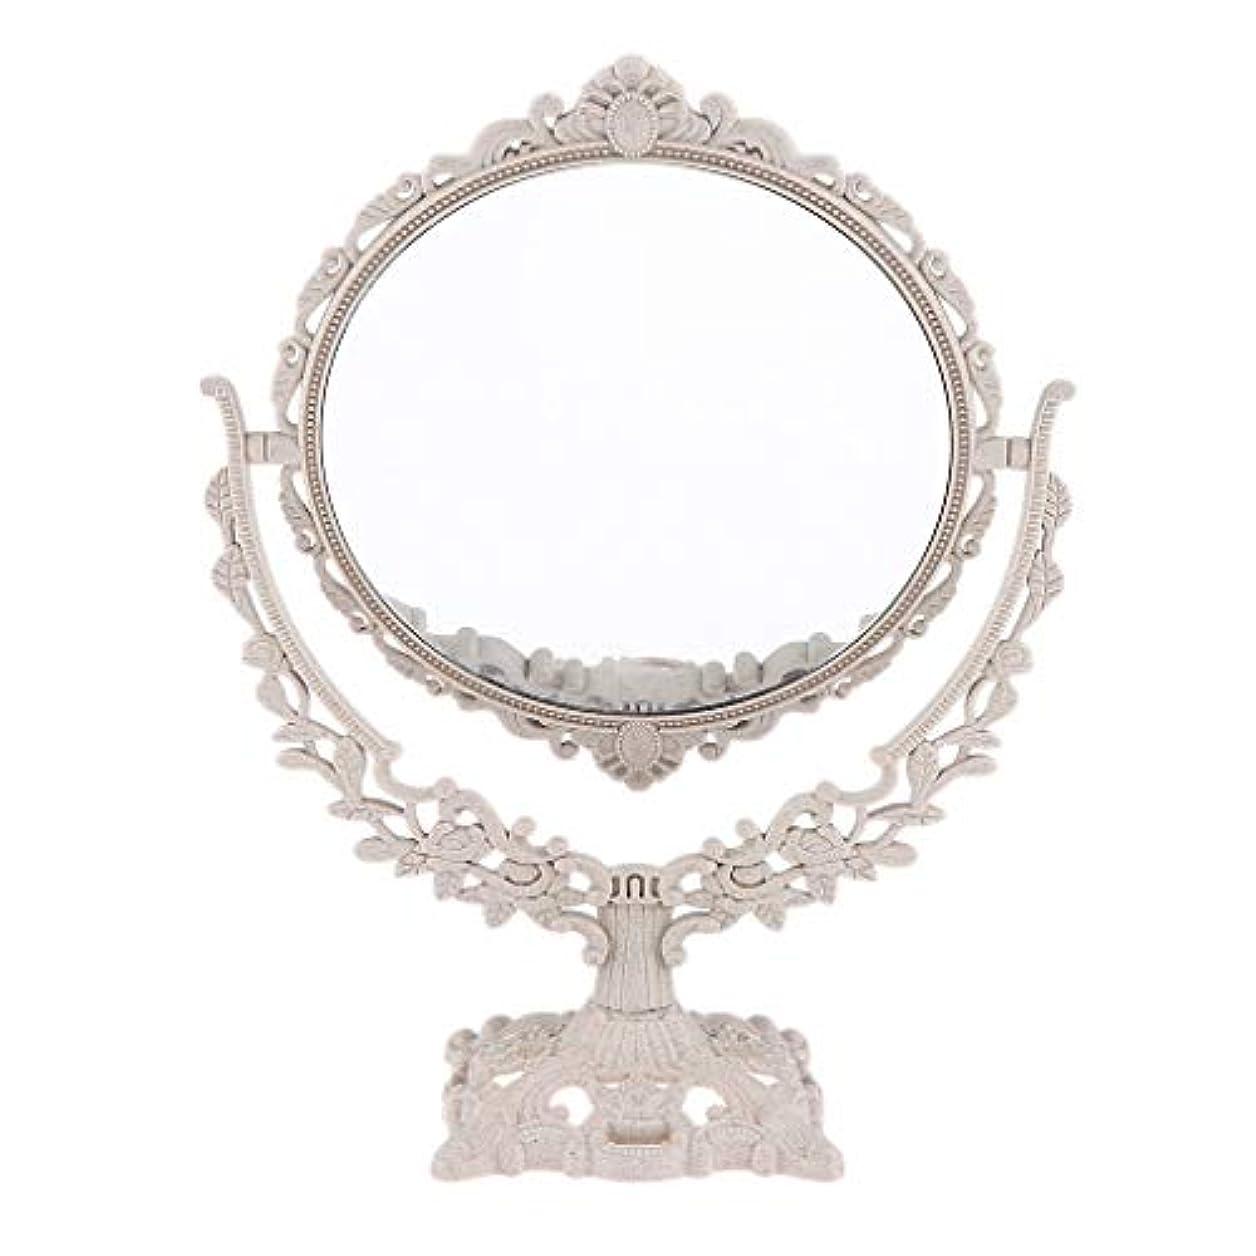 悲観的効果的にクリームPerfeclan ミラー 鏡 メイクアップミラー 化粧鏡 スタンドミラー 両面鏡 卓上鏡 360度回転 彫刻 パターン - 円形